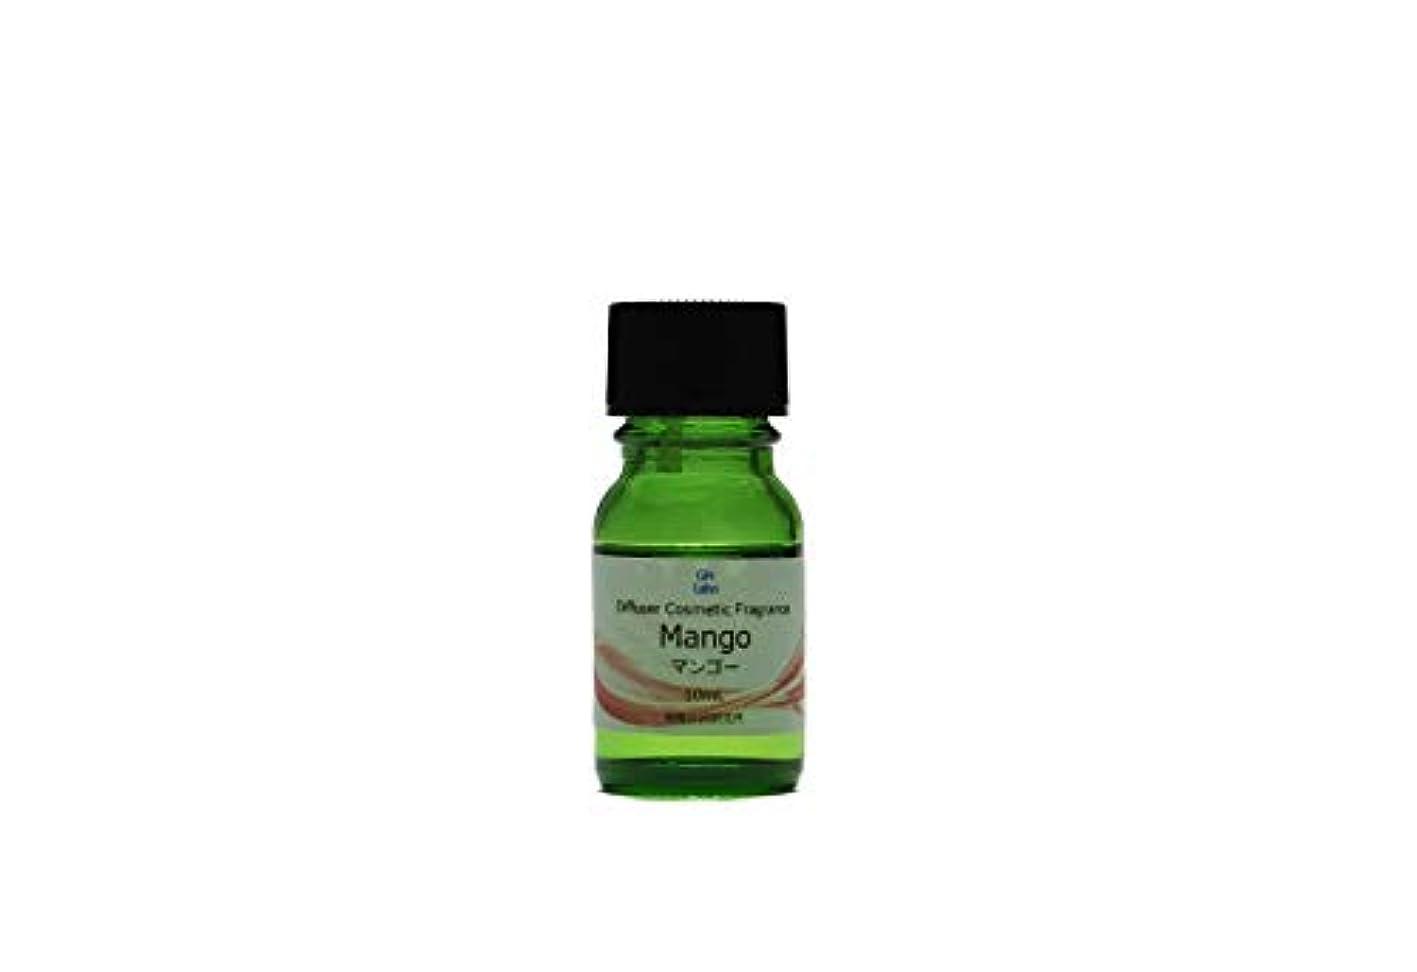 マンゴー フレグランス 香料 ディフューザー アロマオイル 手作り 化粧品用